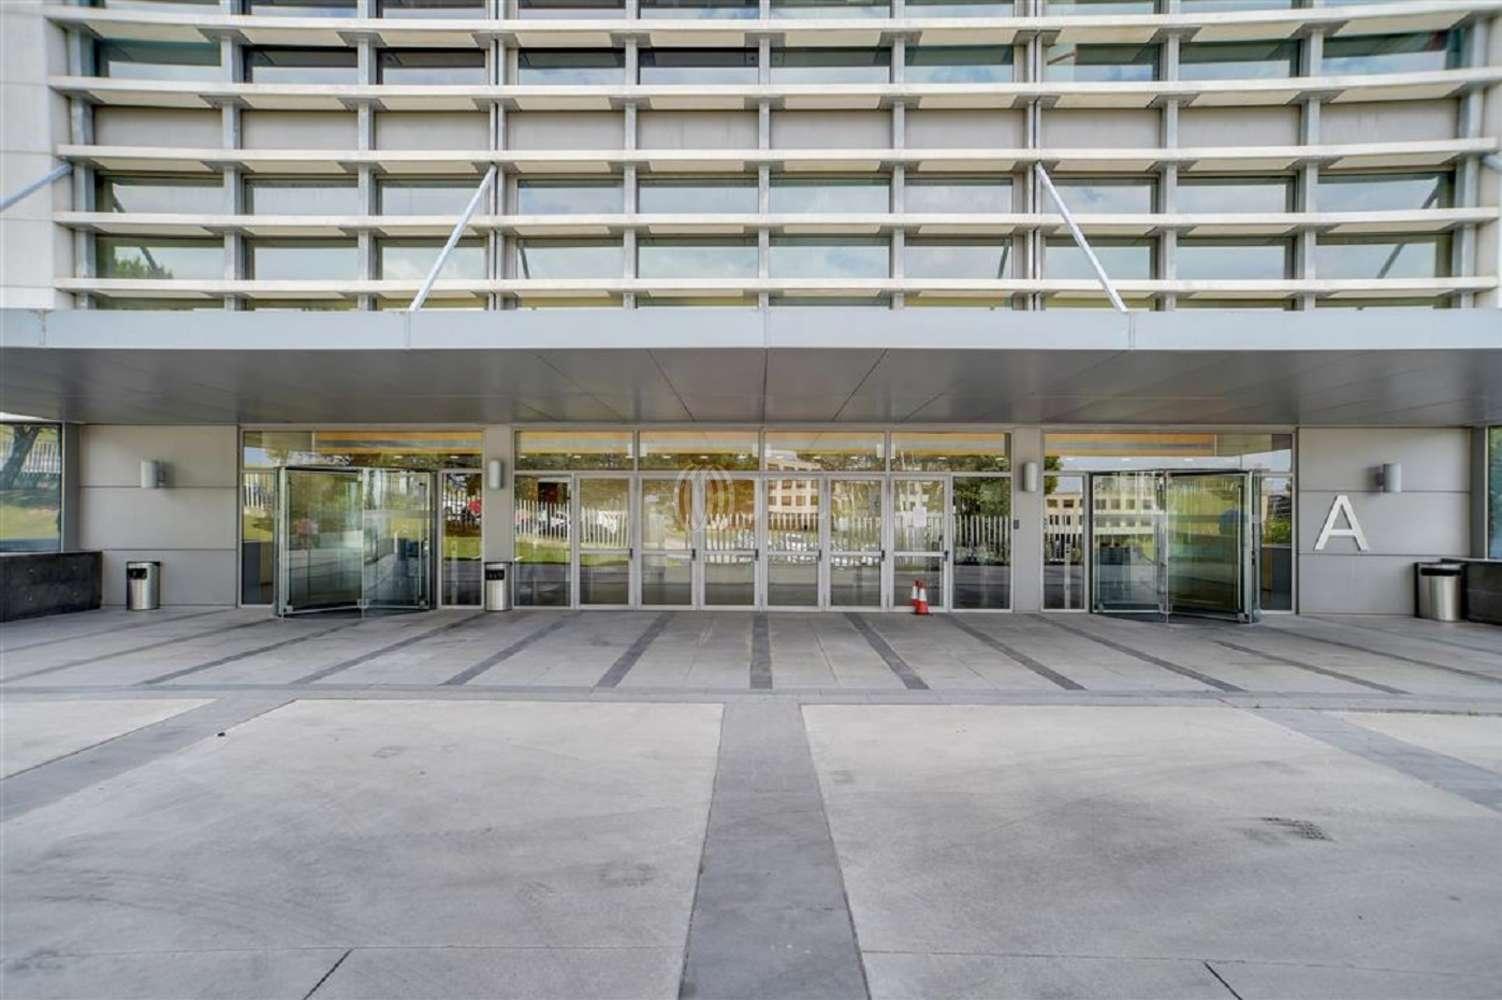 Oficina Sant cugat del vallès, 08174 - SANT CUGAT NORD - Edifici A - 18004